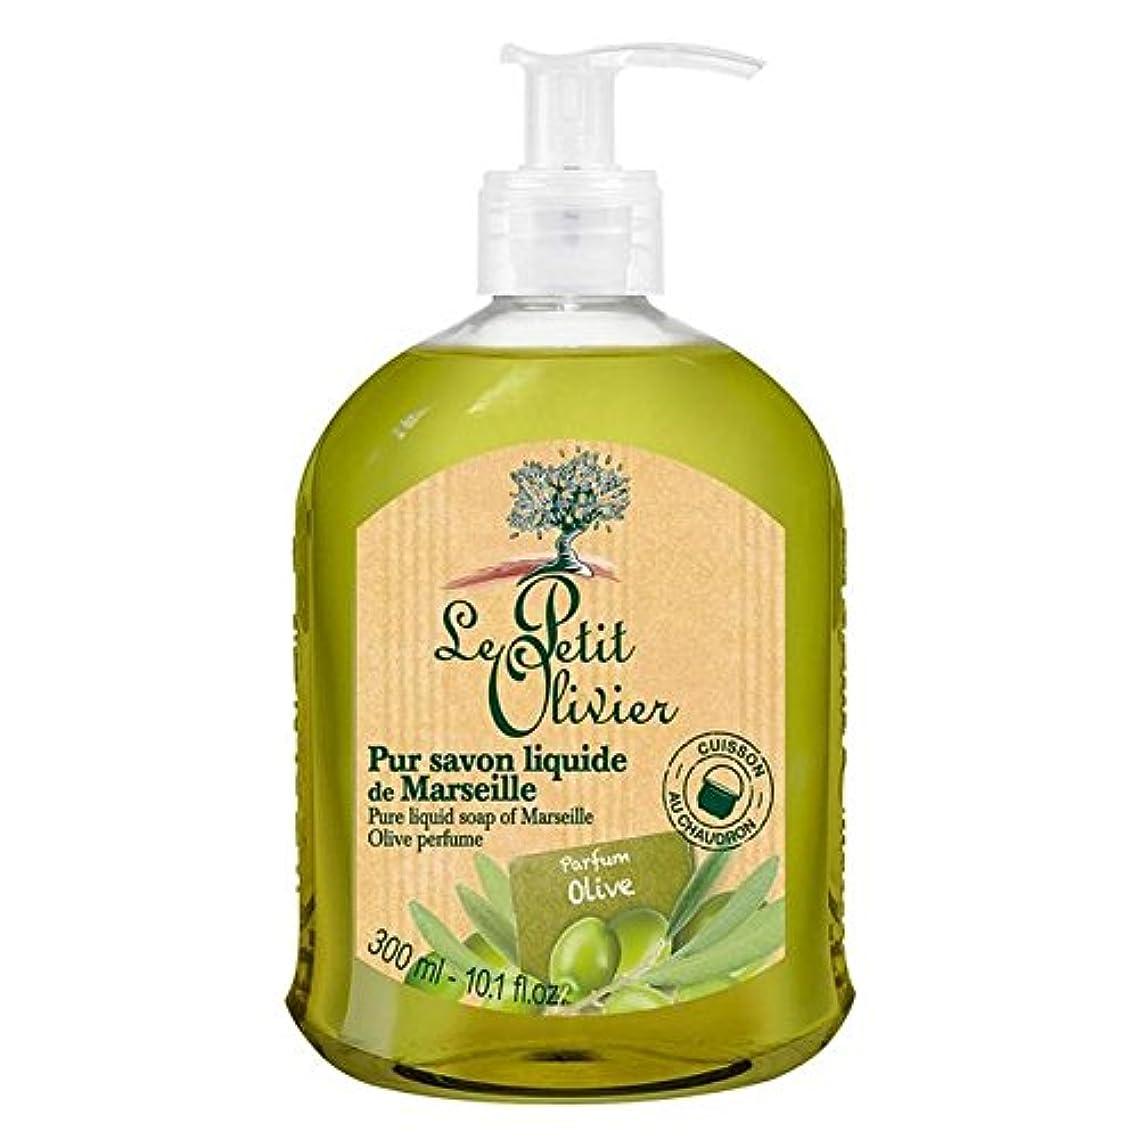 ファイナンス外交官今晩Le Petit Olivier Pure Liquid Soap of Marseille, Olive Oil 300ml - マルセイユのル?プティ?オリヴィエ純粋な液体石鹸、オリーブオイル300ミリリットル [並行輸入品]